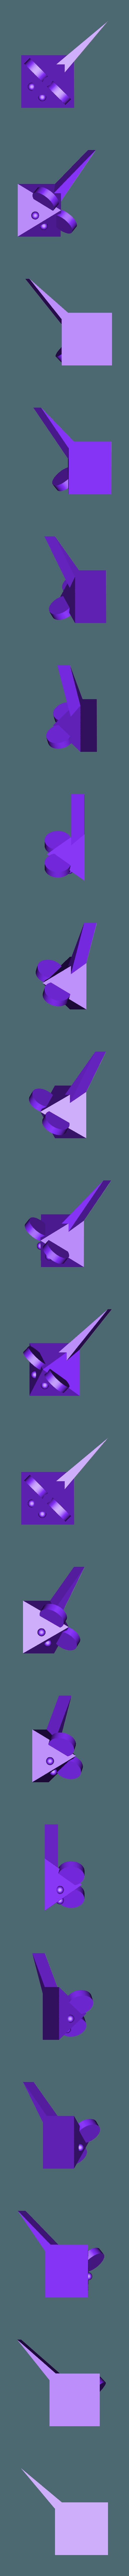 CaliRat.stl Télécharger fichier STL gratuit CaliRat • Modèle pour impression 3D, DK7